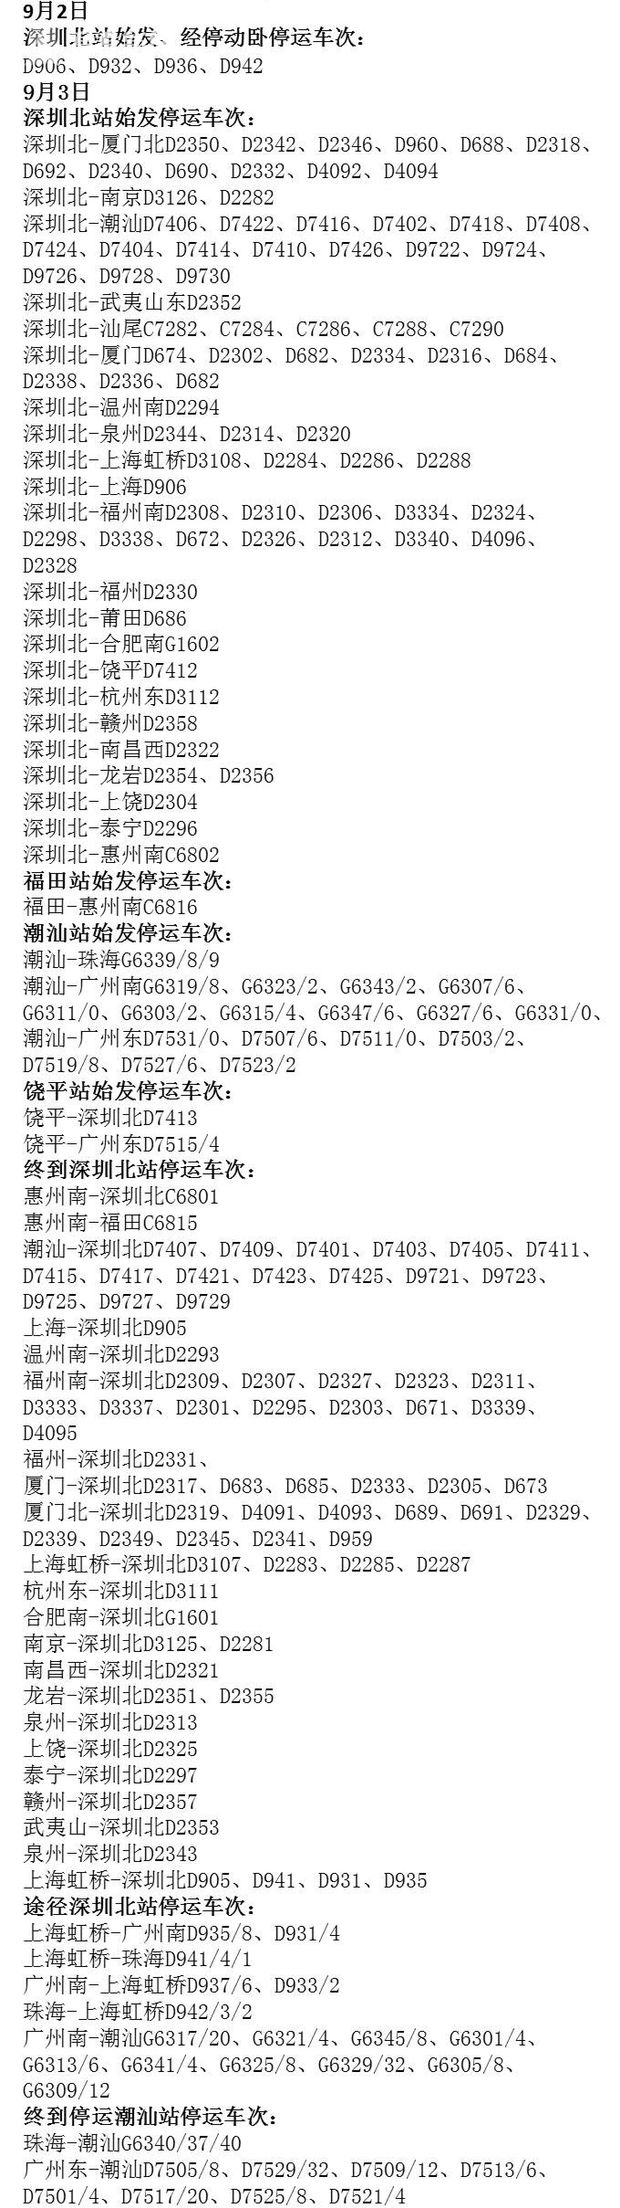 """台风""""玛娃""""袭向粤东 深圳铁路部门停止多趟列车运行"""